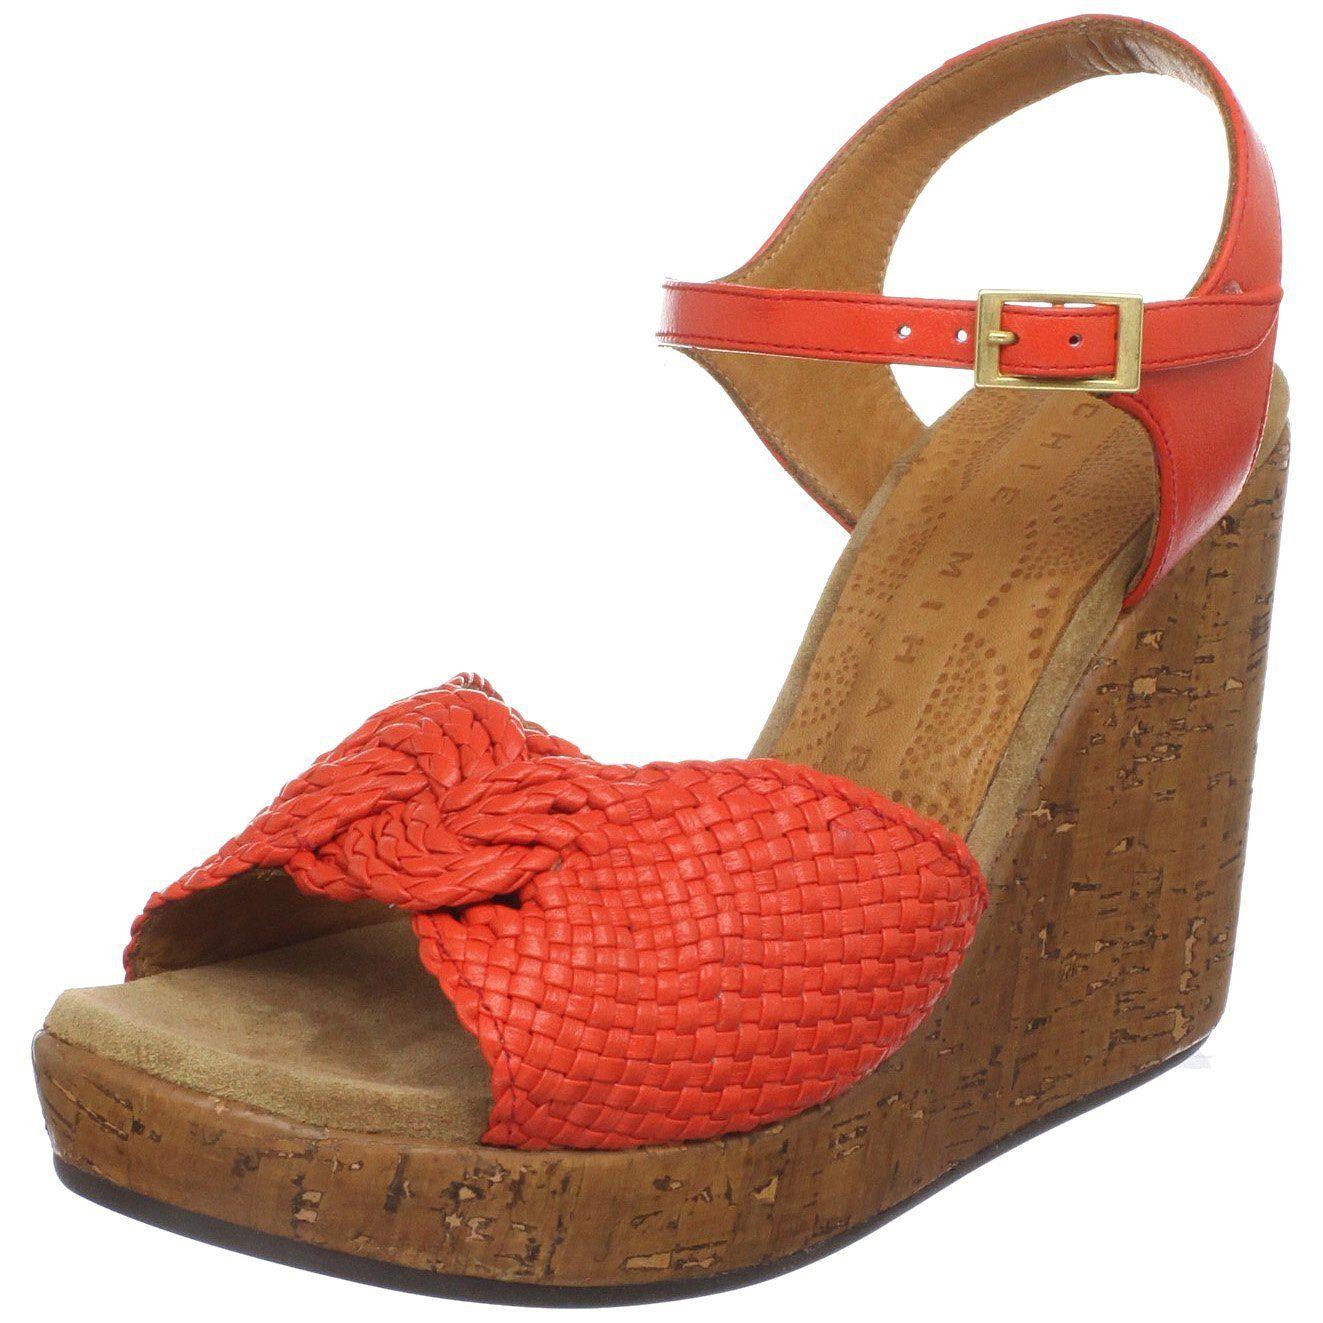 Chie Mihara Doremi Sandal